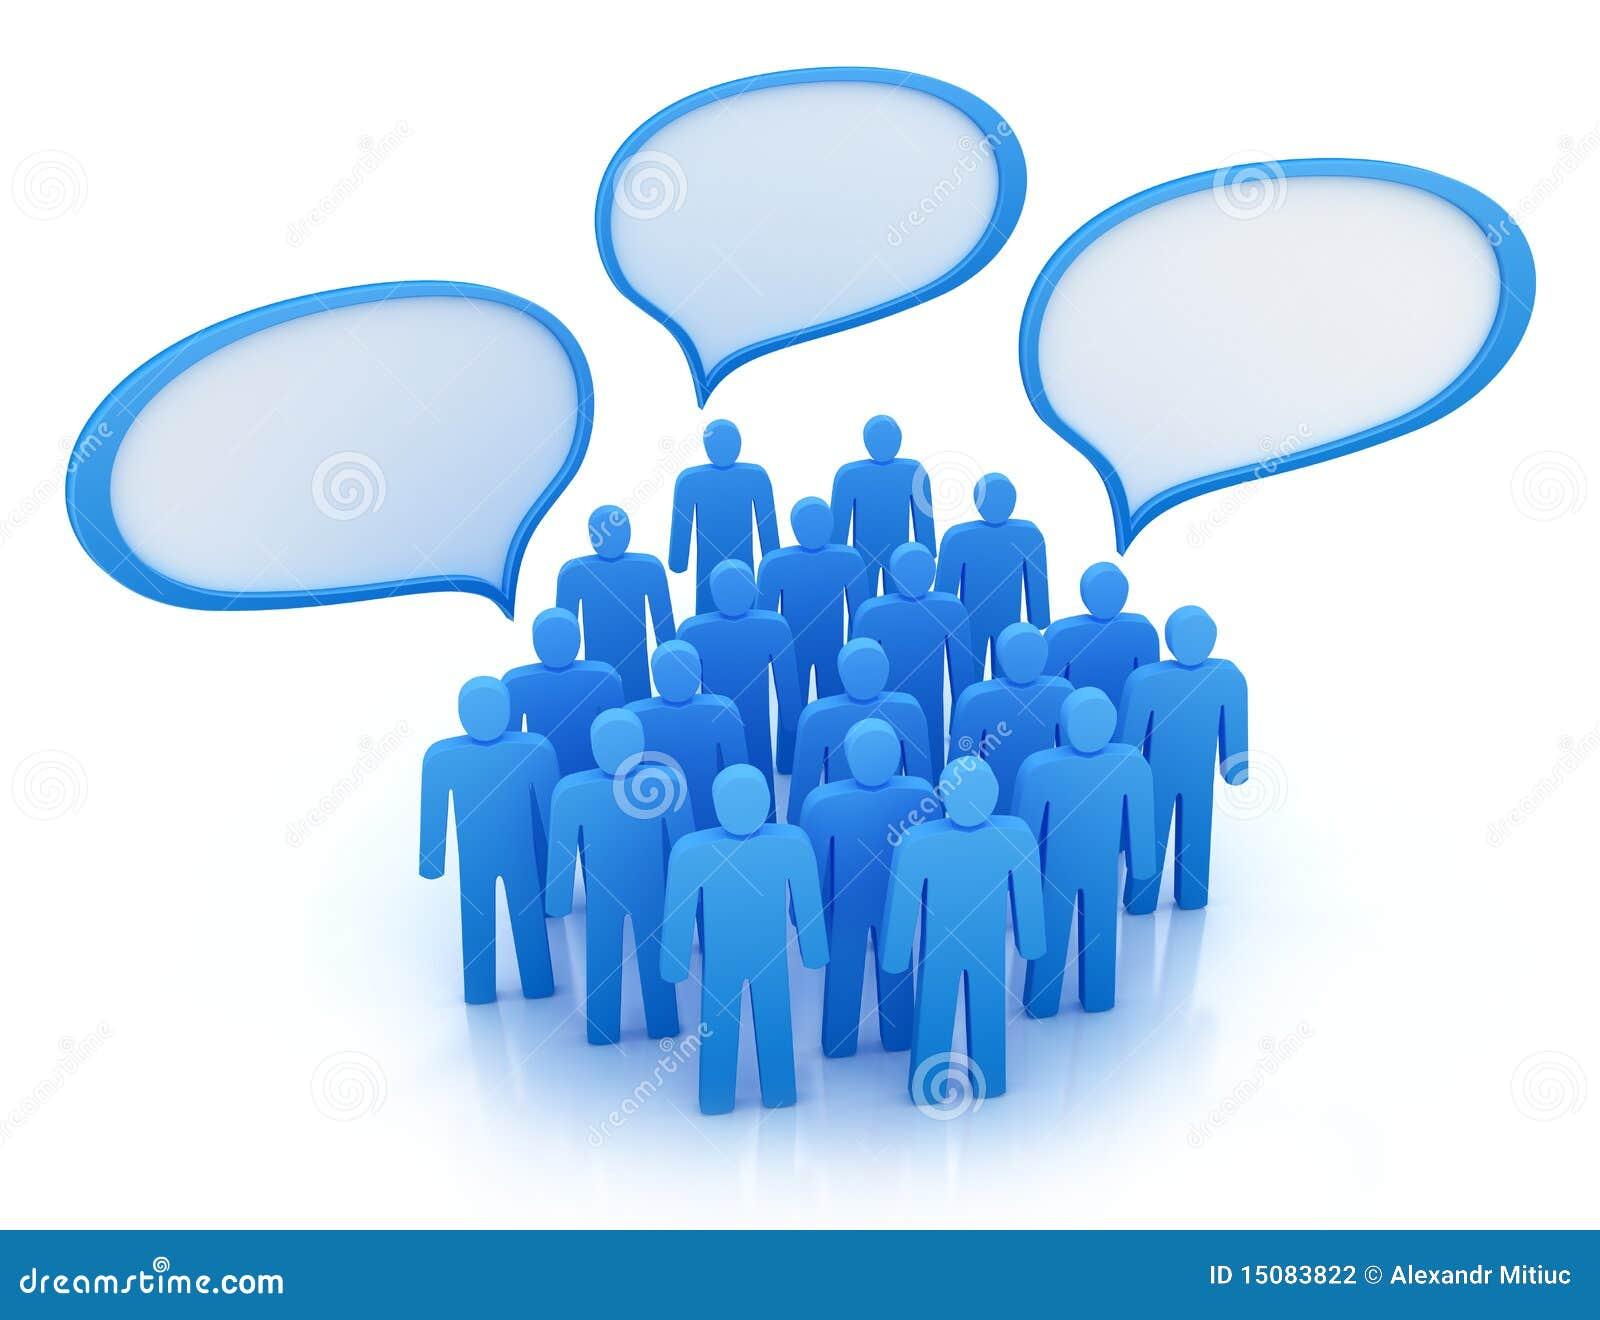 Opinies diferentes os povos ilustrao stock ilustrao de opinies diferentes os povos ccuart Gallery